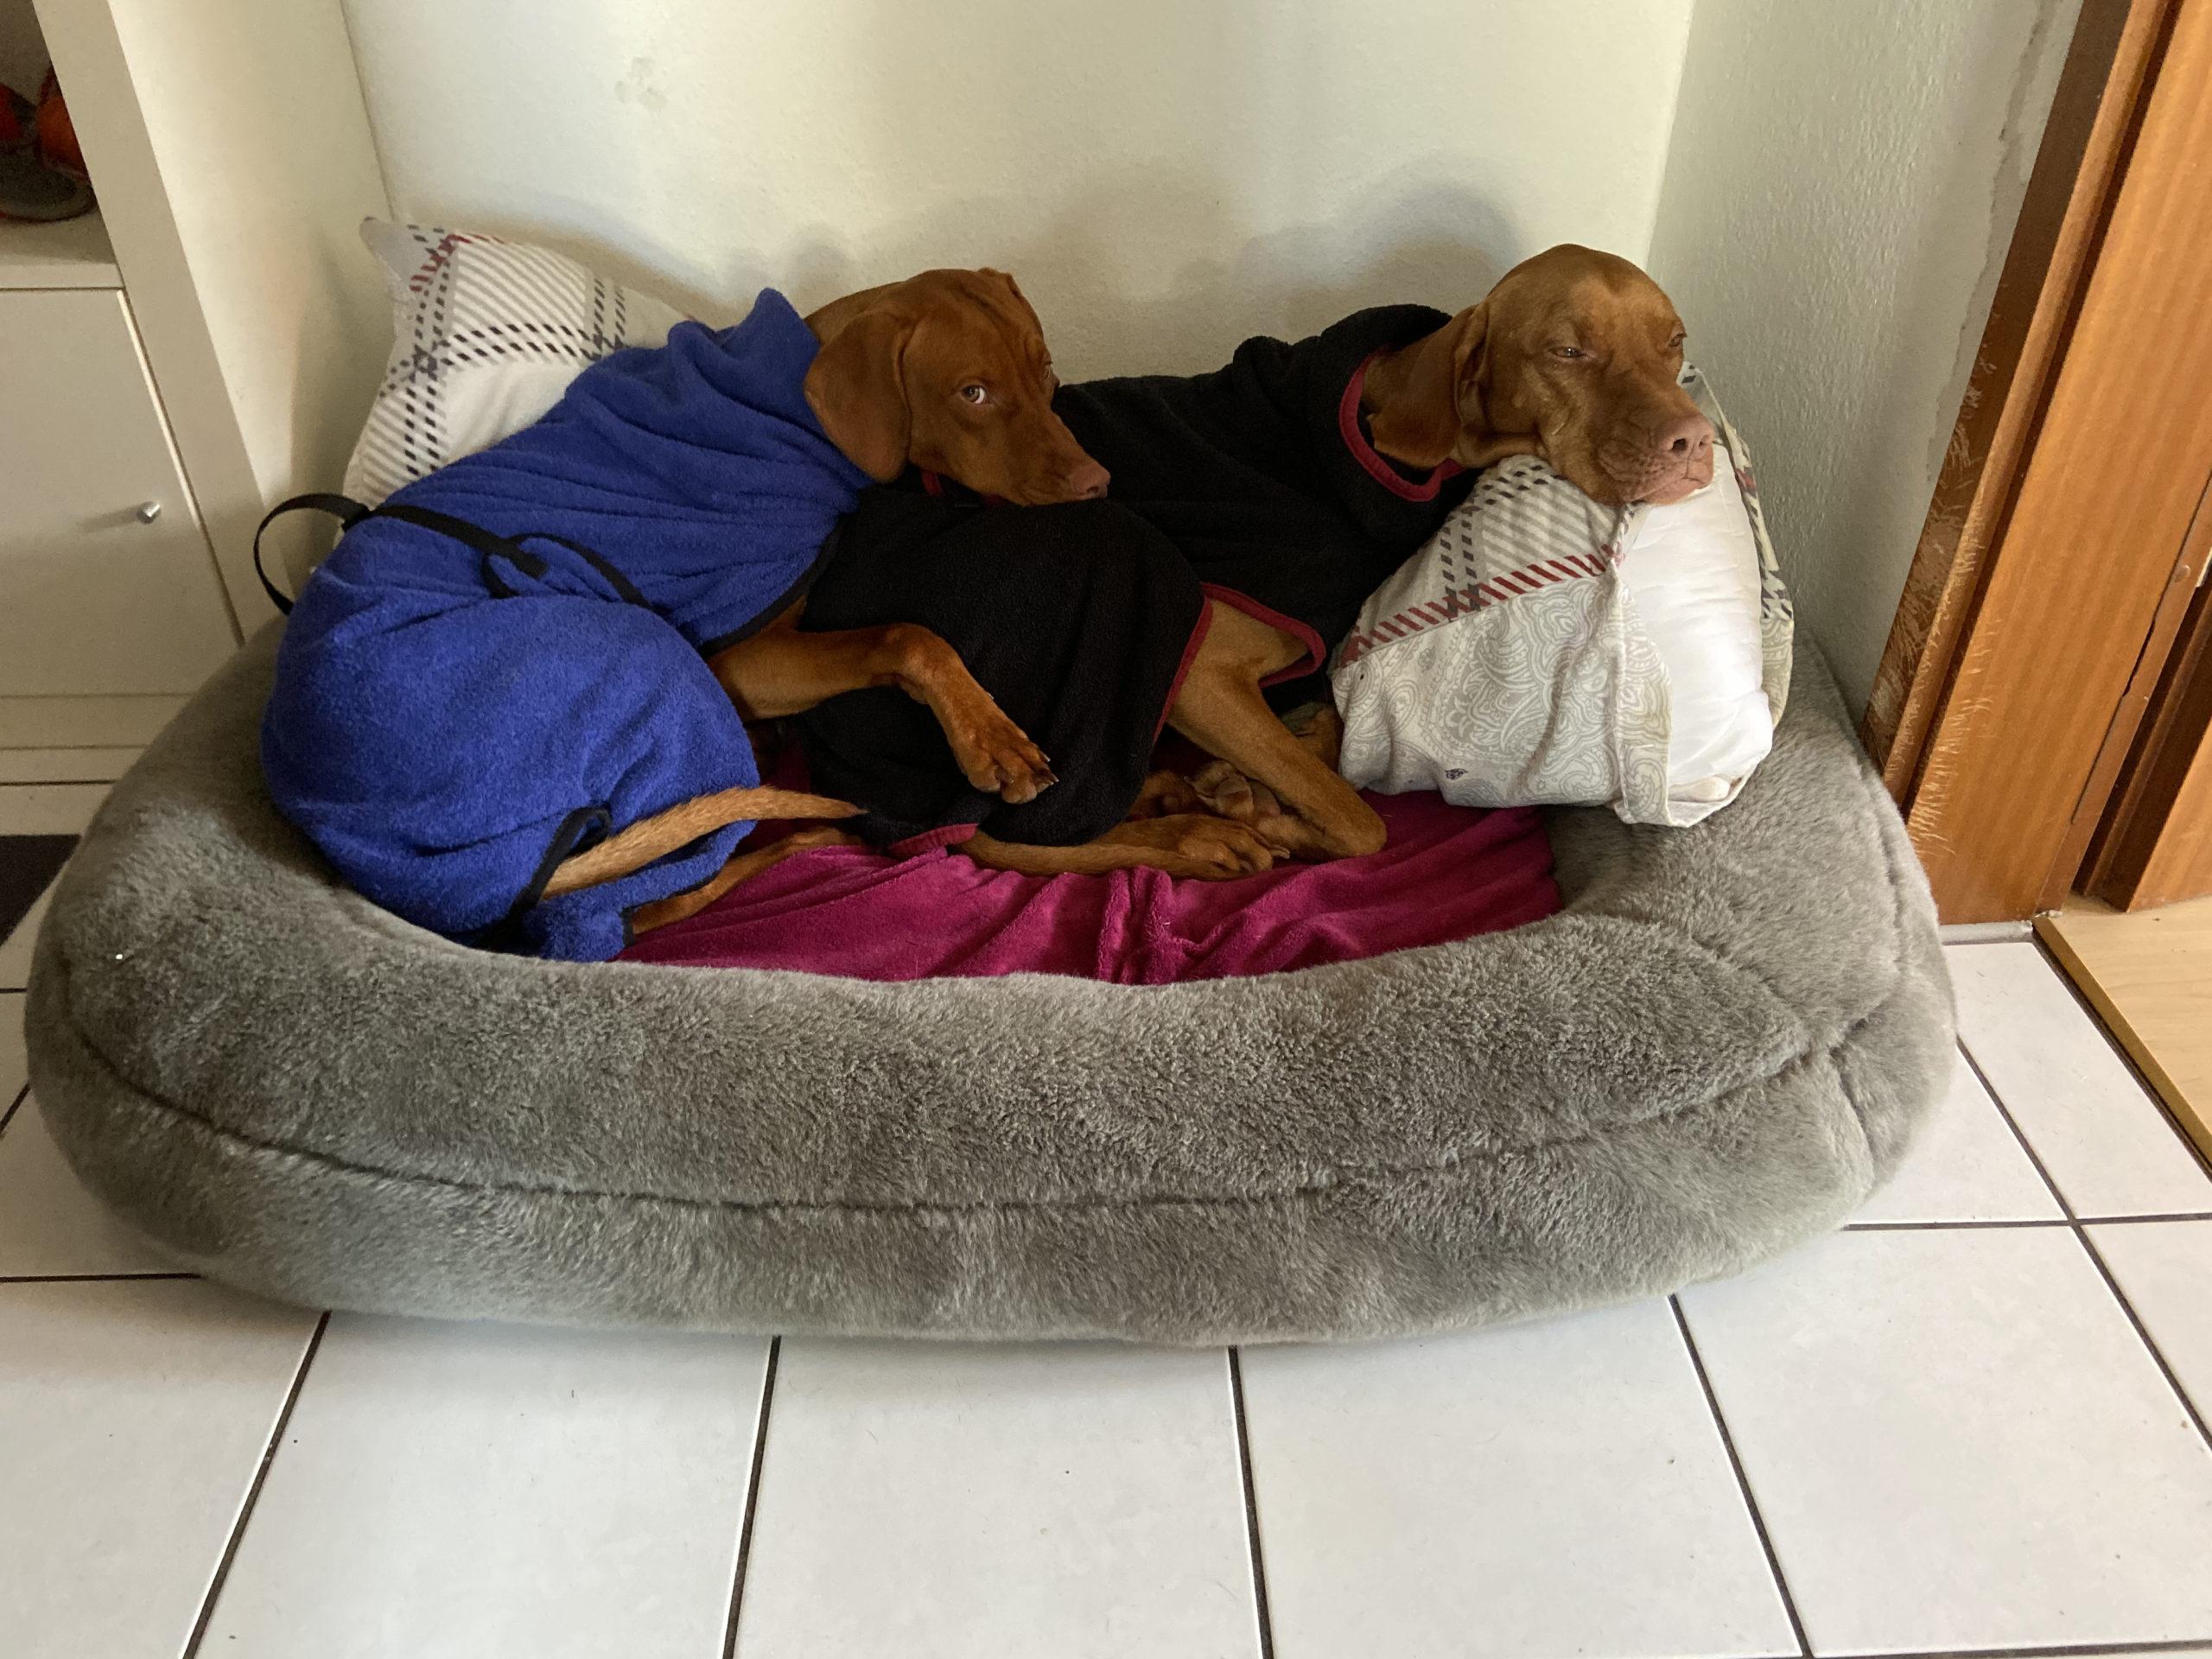 Zwei Hunde, die Bademäntel anhaben liegen in einem Hundebett